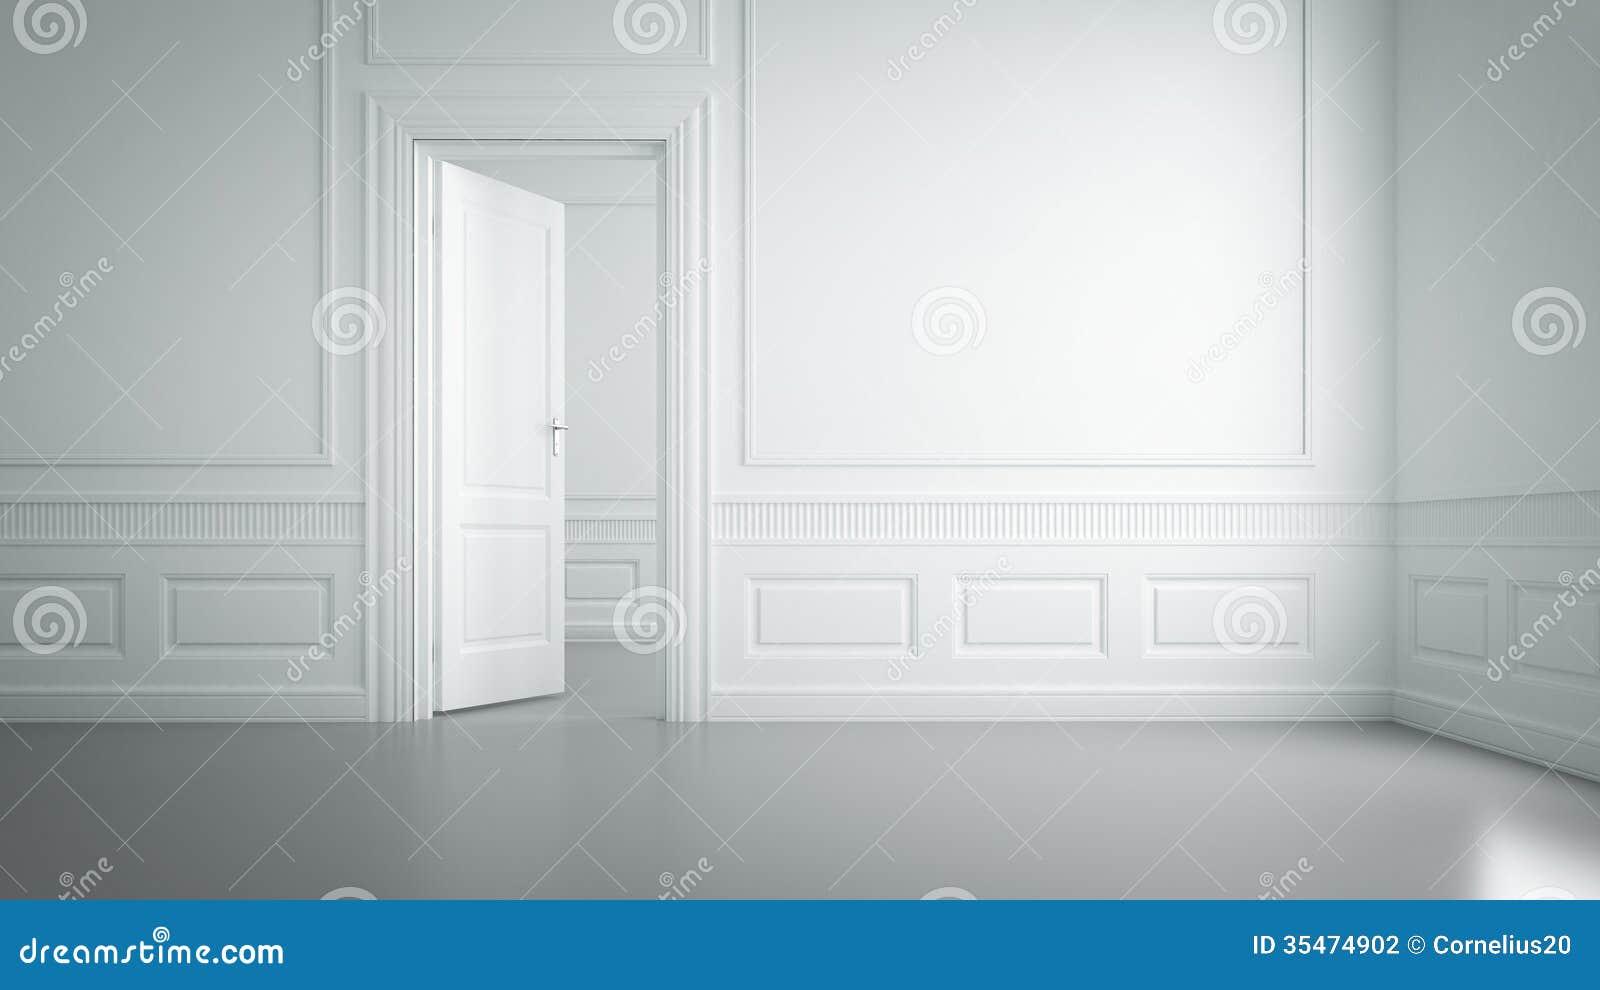 Empty White Room Stock Photo Image Of Nobody Concept